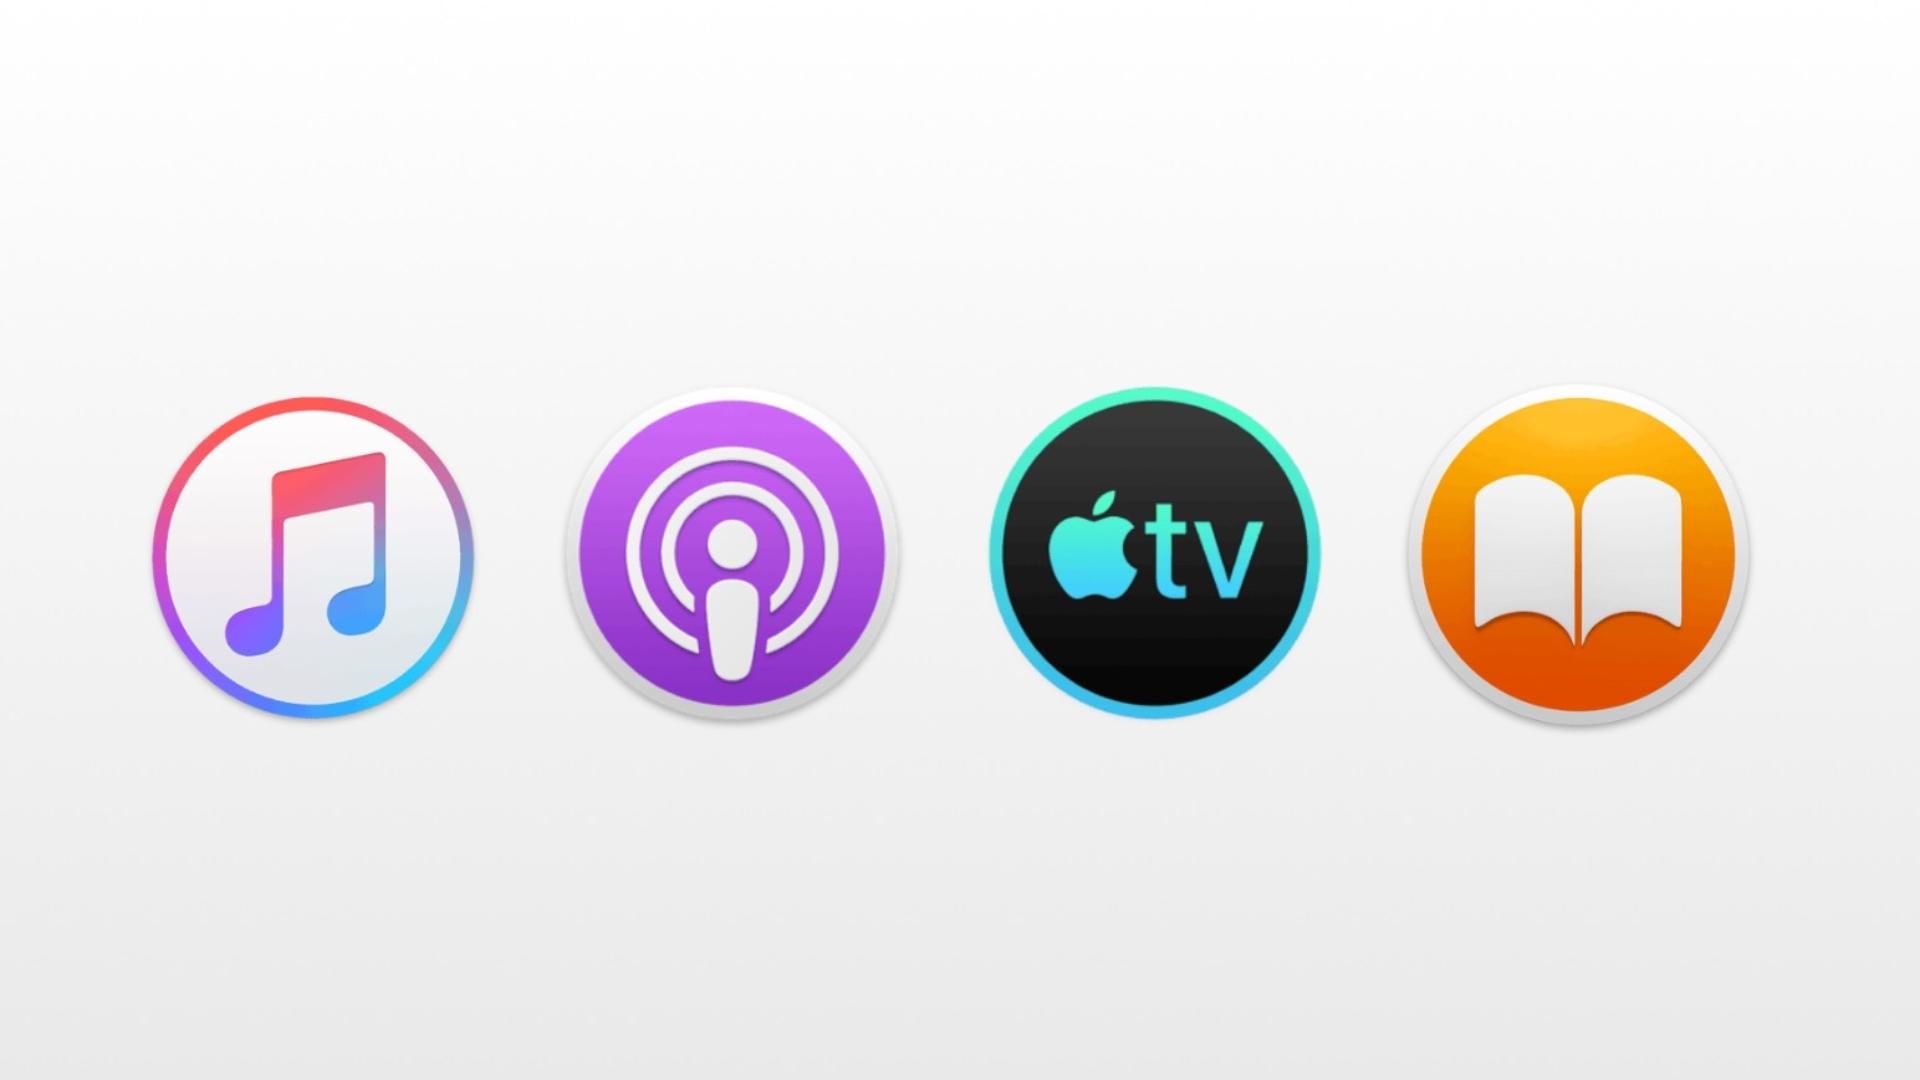 Con la nueva versión de iOS 10. 15 iTunes podría coexistir con apps destinadas para áreas especificas (Foto: Captura Twitter – @DrBicentenario)